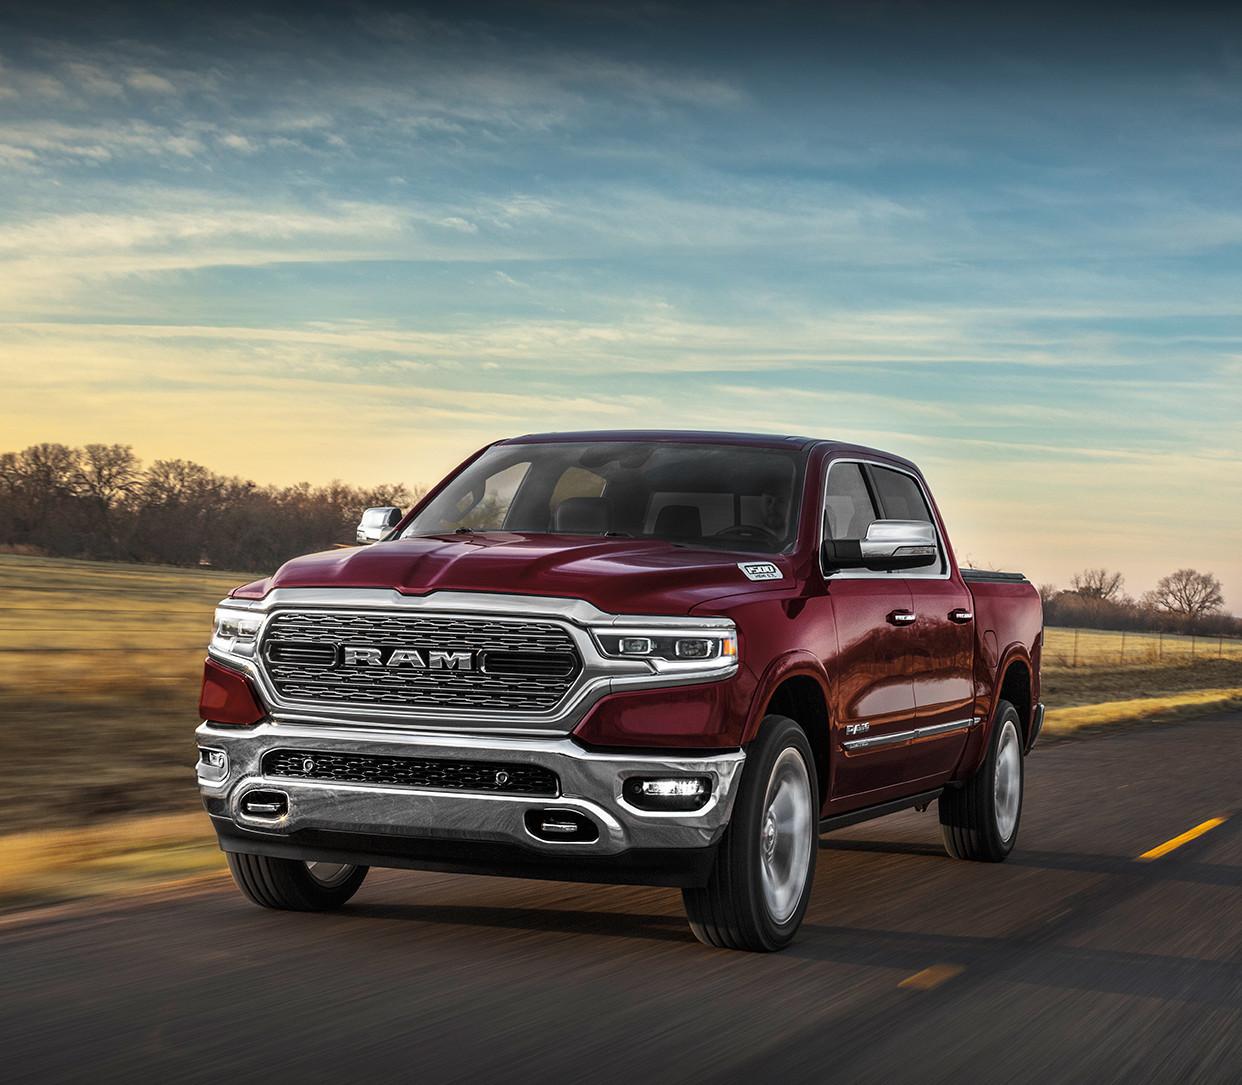 Pickup Trucks 2019: All-New 2019 RAM 1500 Truck